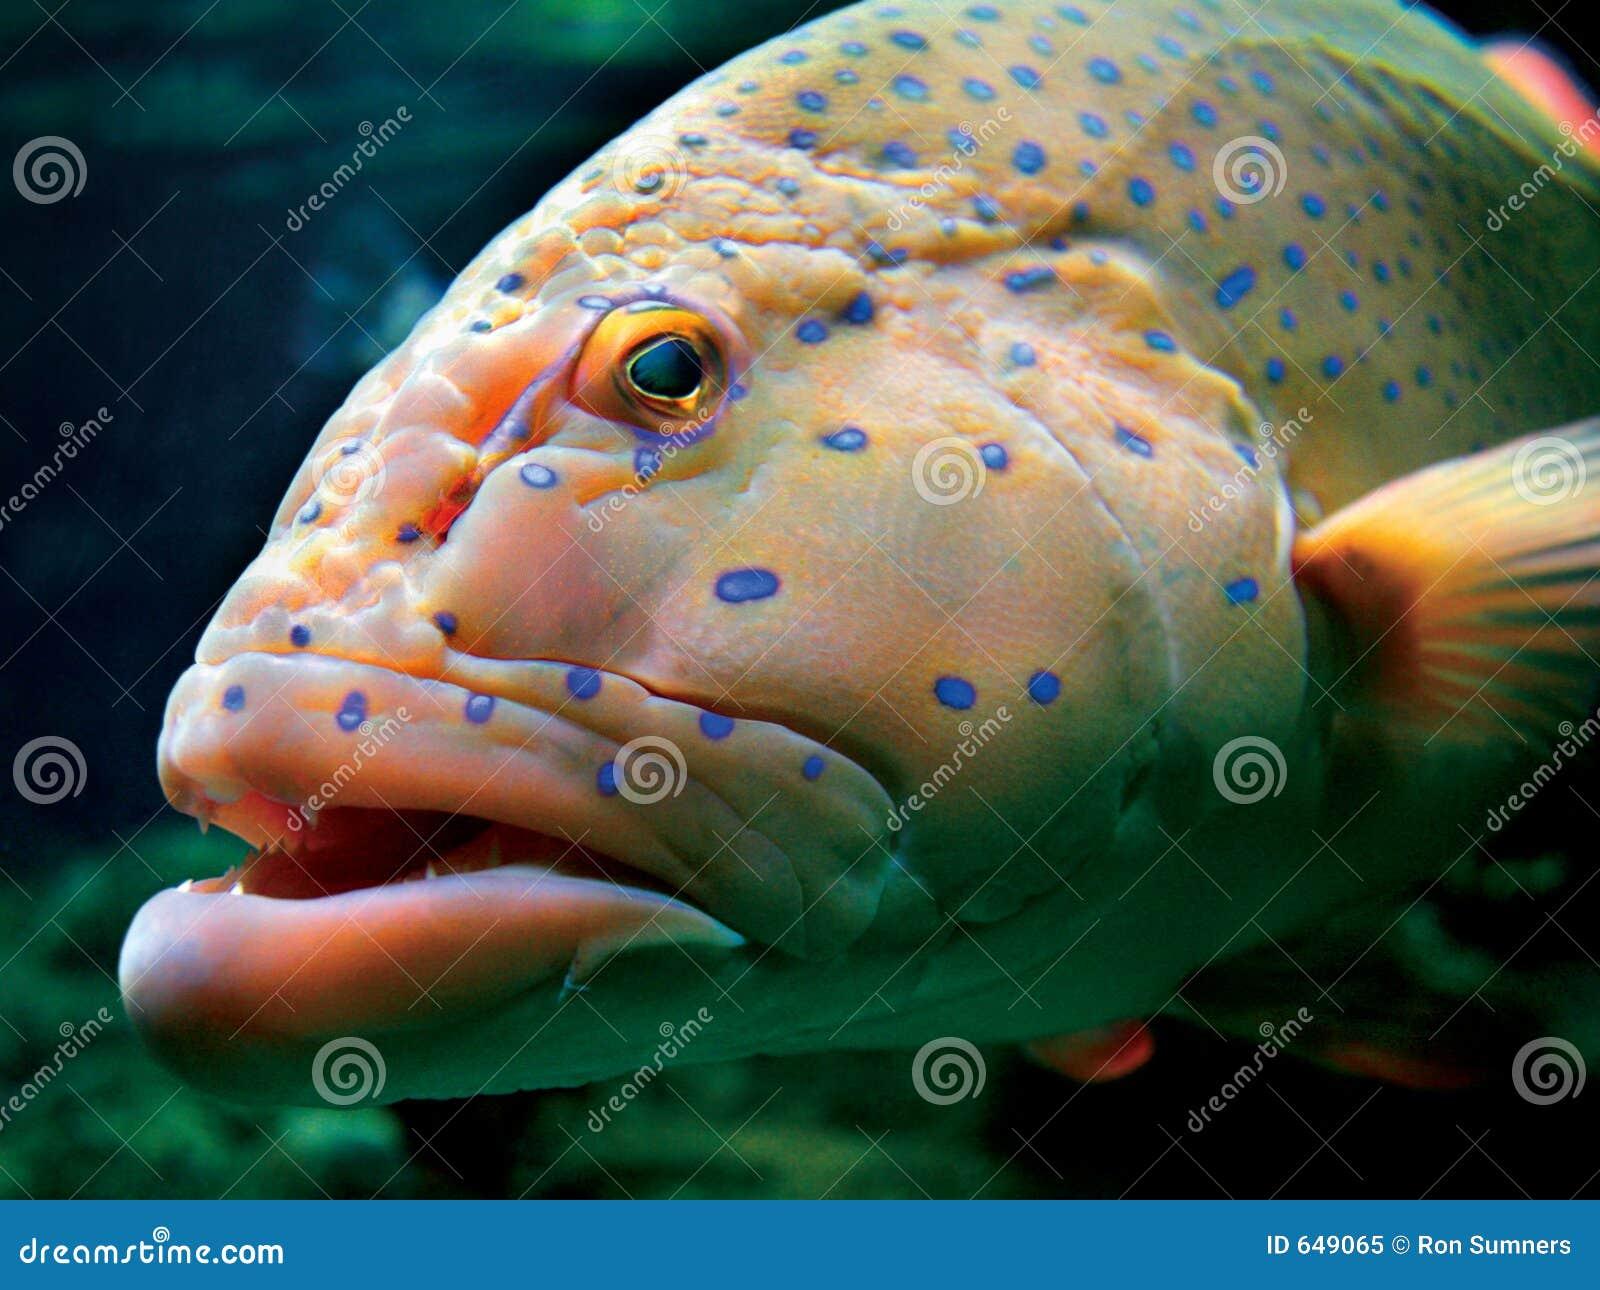 Pesci tropicali enormi fotografia stock libera da diritti for Immagini di pesci disegnati